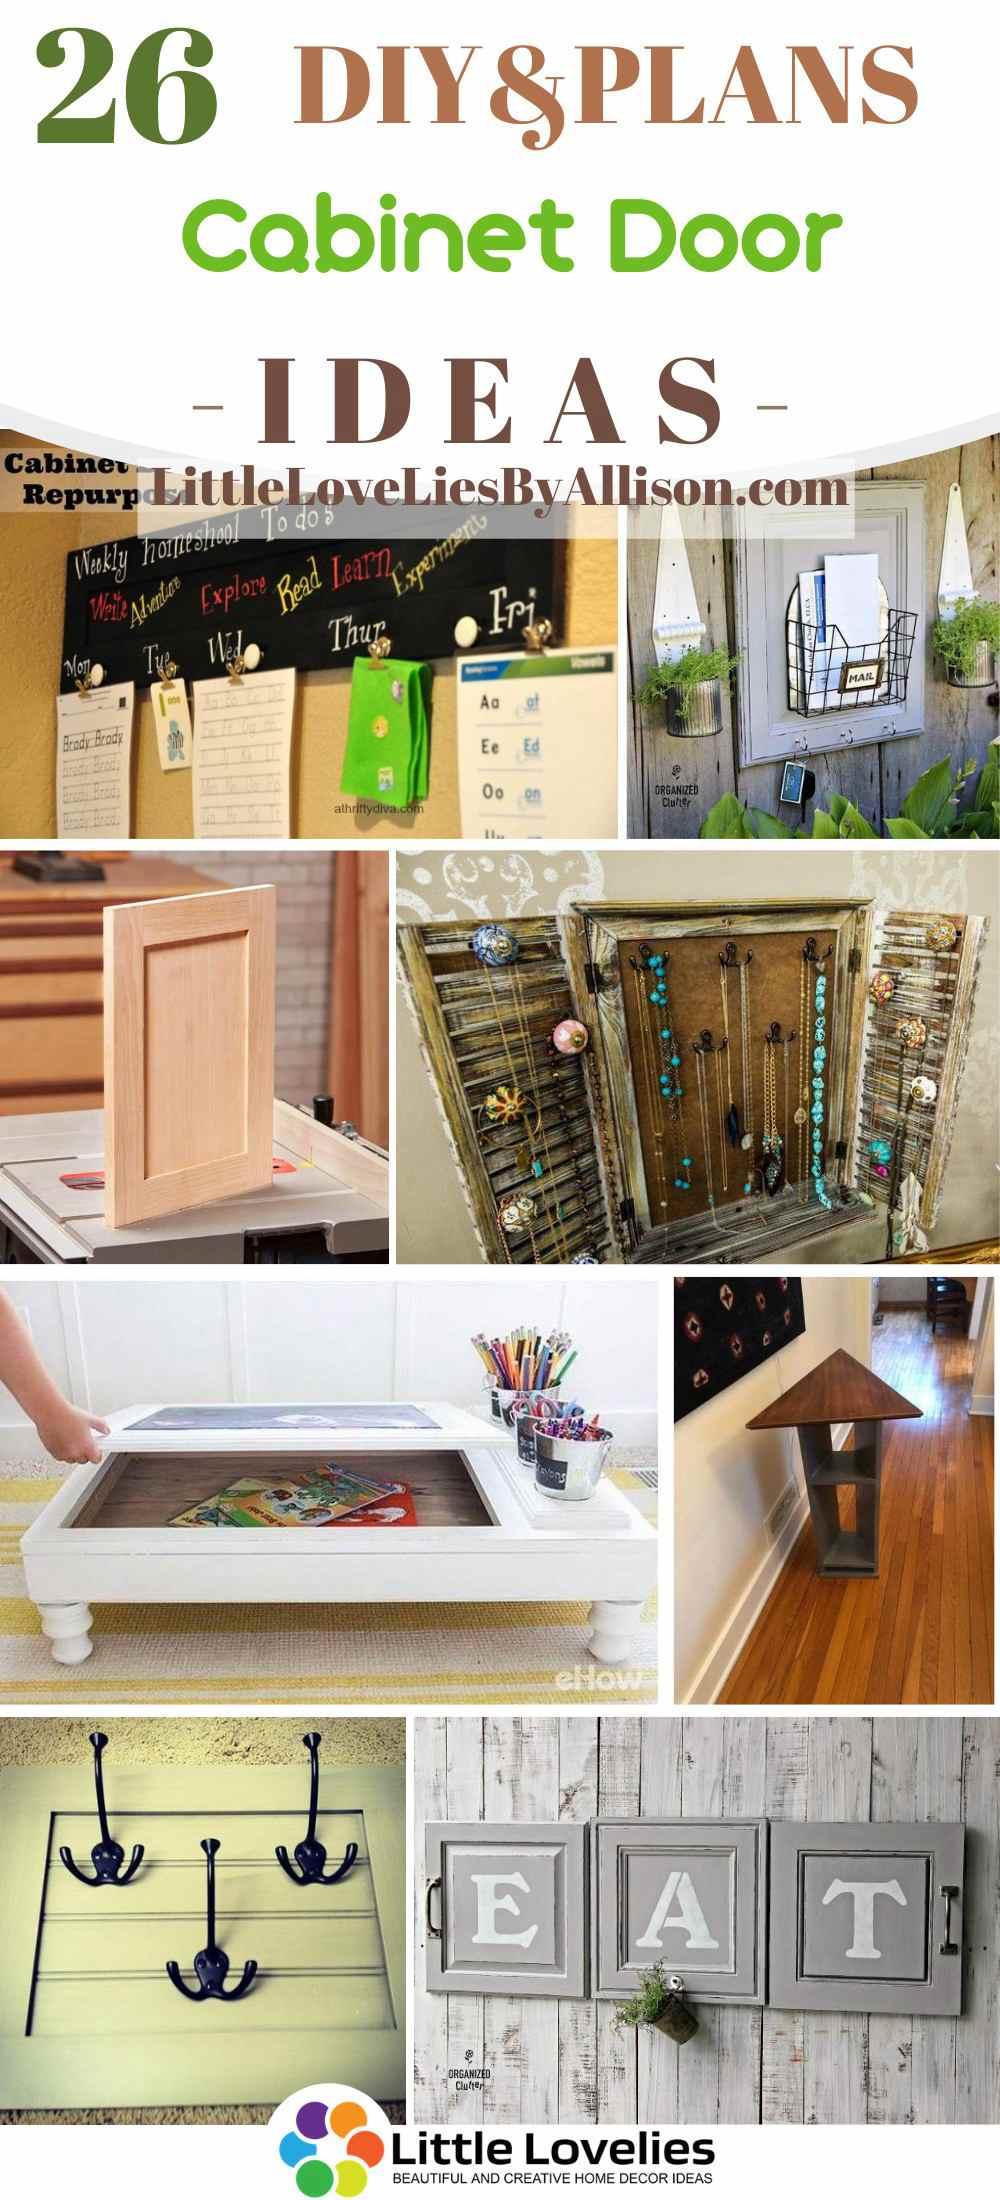 26 Diy Cabinet Door Ideas Repurpose Your Old Cabinet Doors